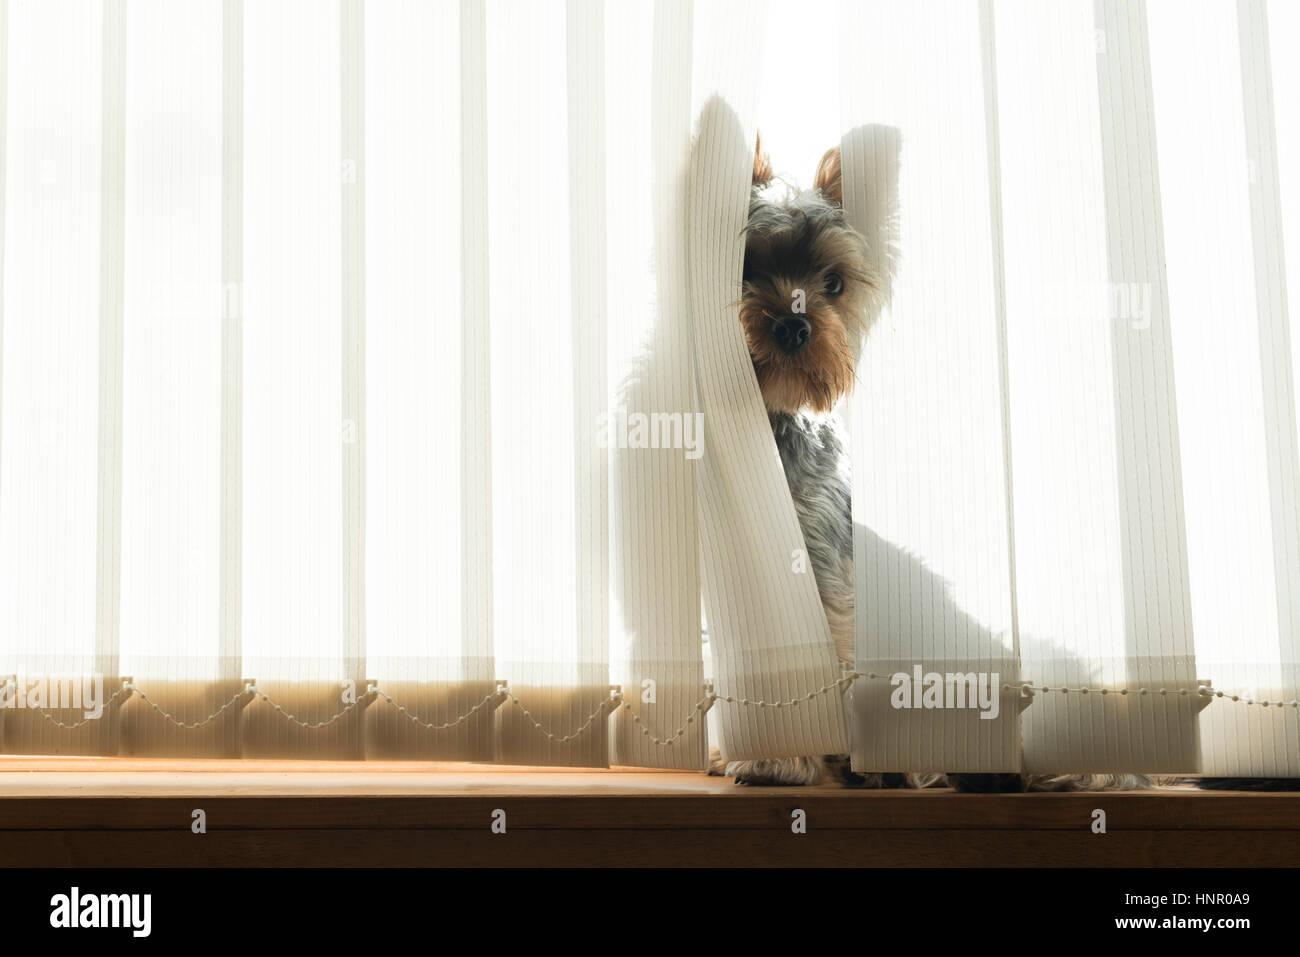 Hund spähte durch ein Fenster-bling Stockbild